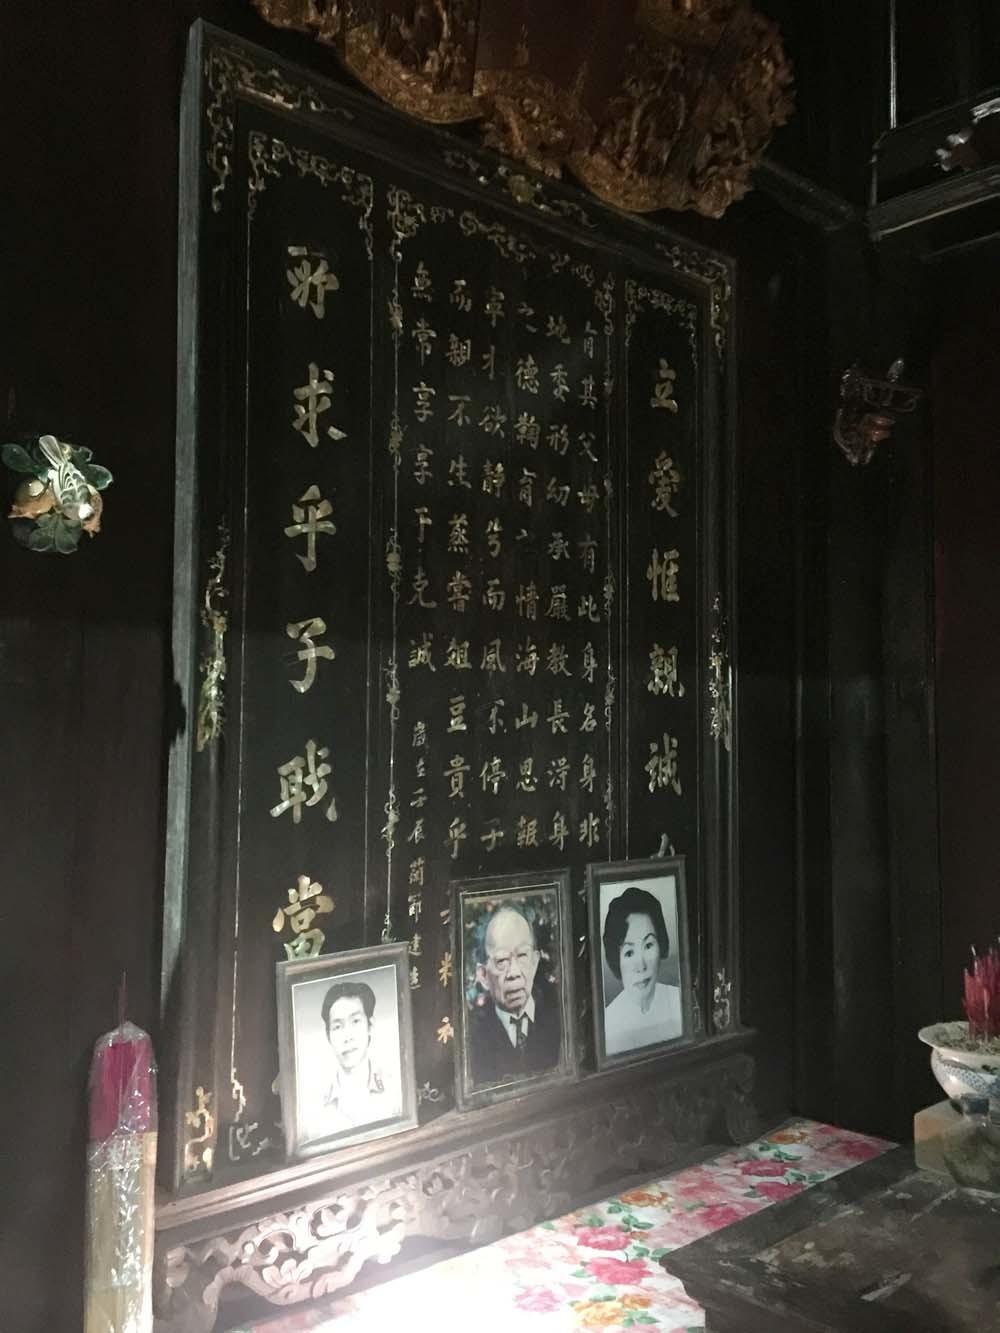 Nỗi trăn trở của người đàn bà trong căn nhà toàn gỗ quý ở Bình Dương